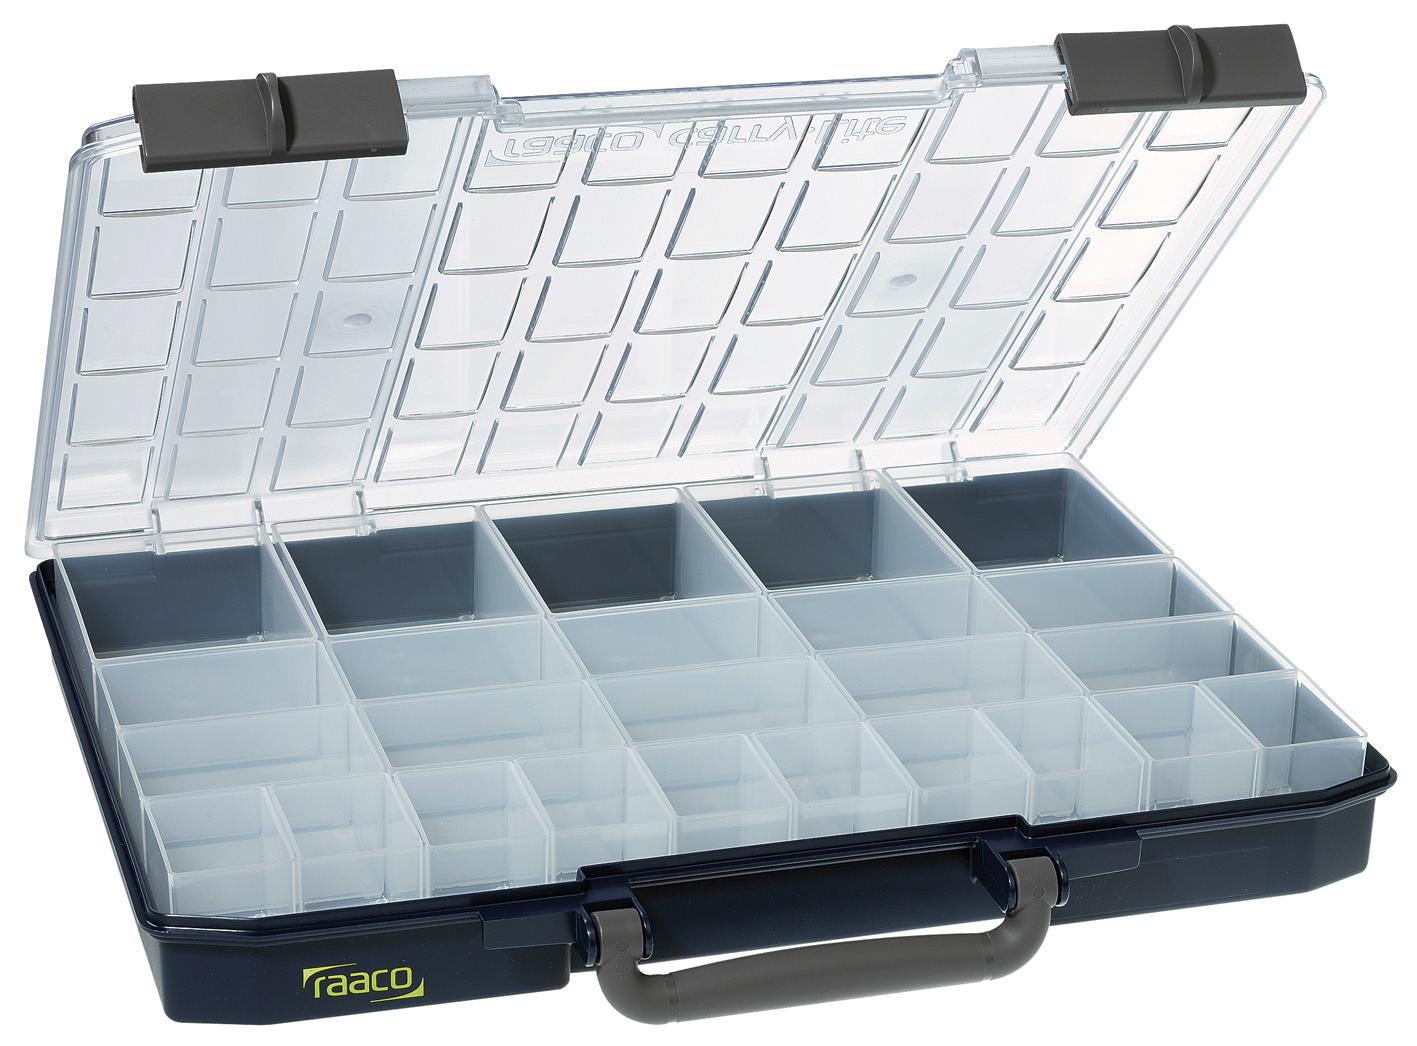 Raaco, CarryLite 55 5x10-25/2